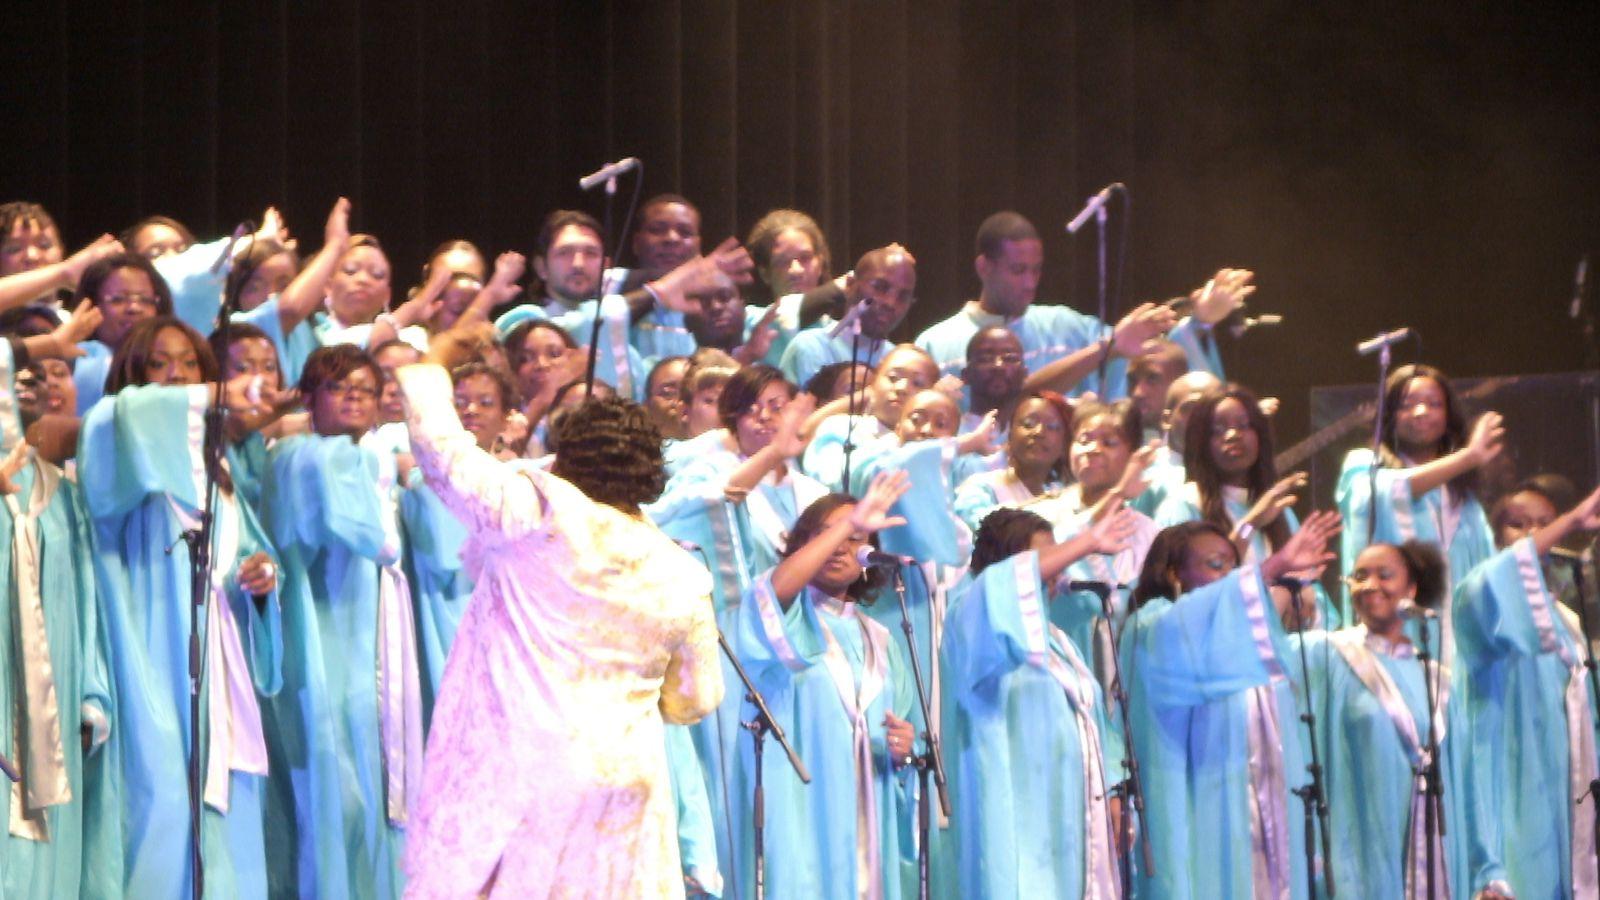 Festival Gospel 2012 - Deitrick Haddon & Total Praise Mass Choir